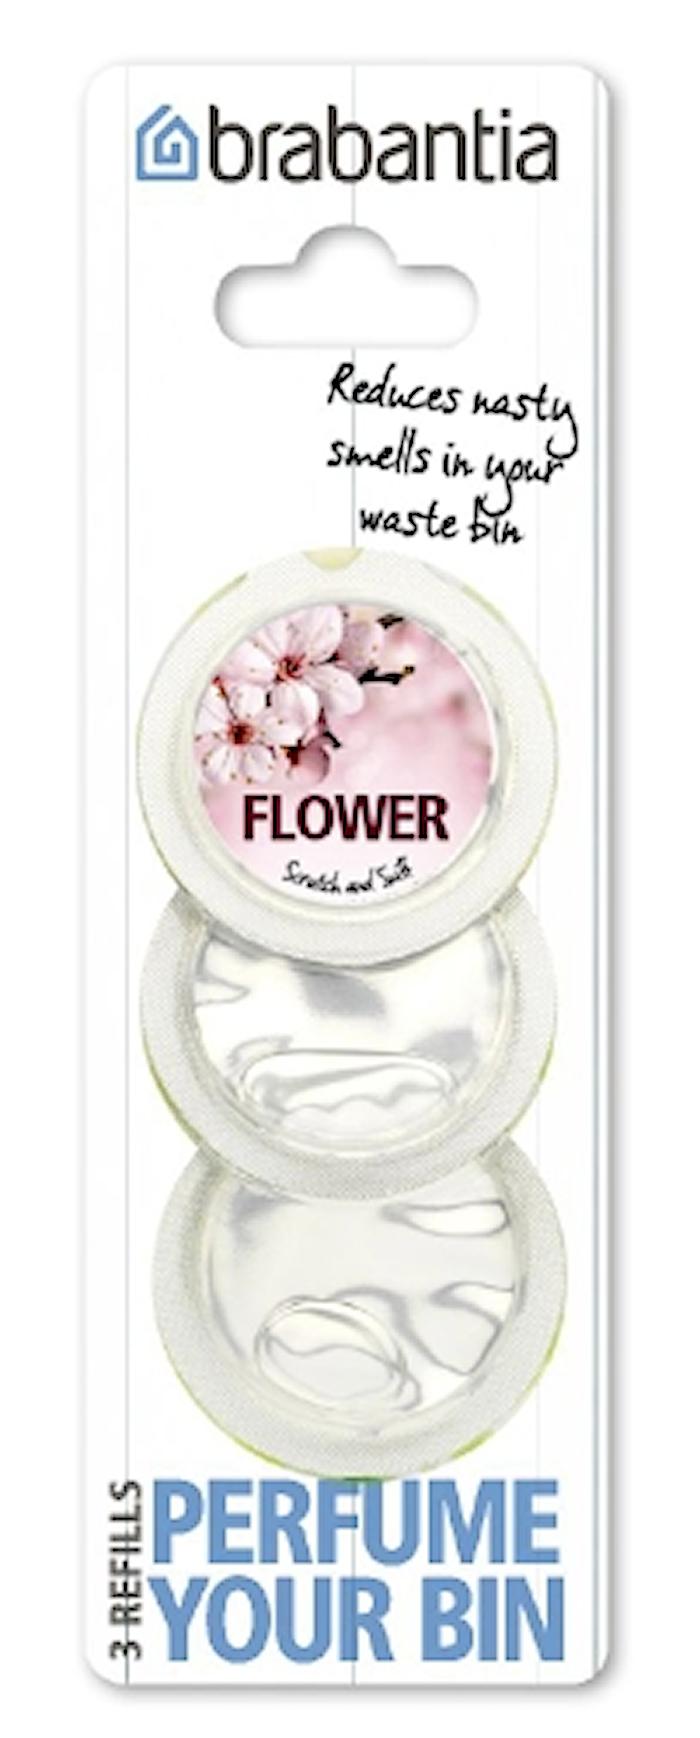 Perfume Your Bin täyttöpaketti (3 kapselia) kukkaistuoksu